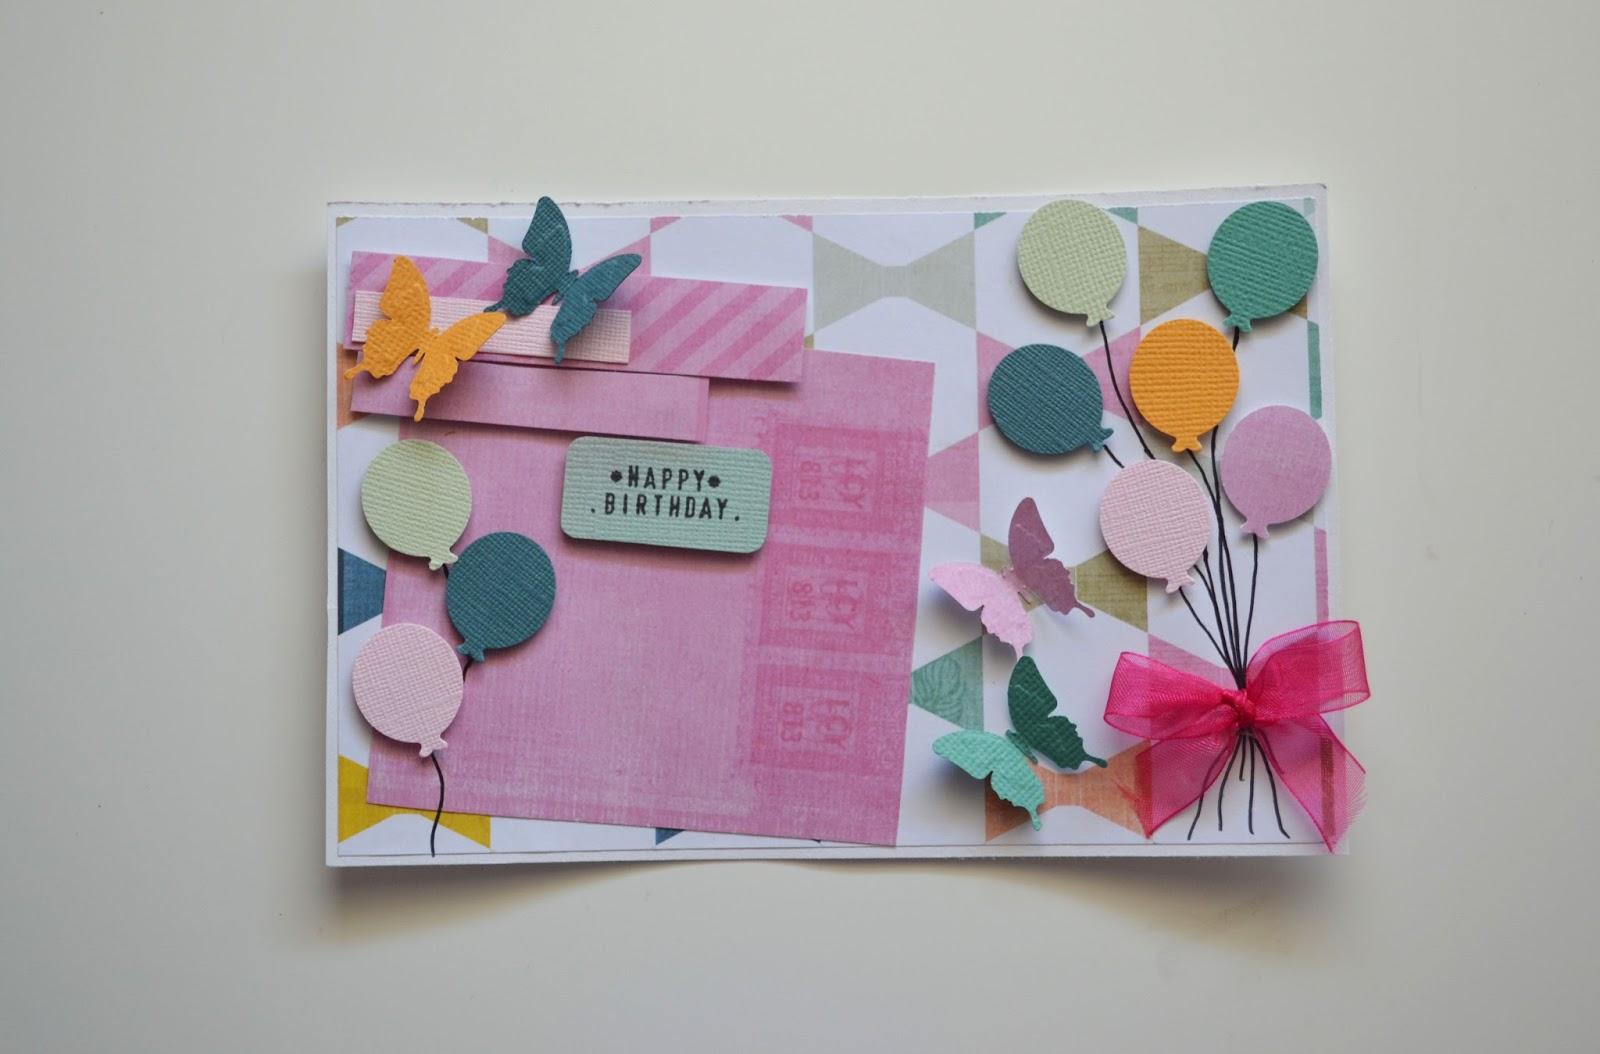 Con manos de papel tarjeta de cumplea os - Regalos originales para la casa ...